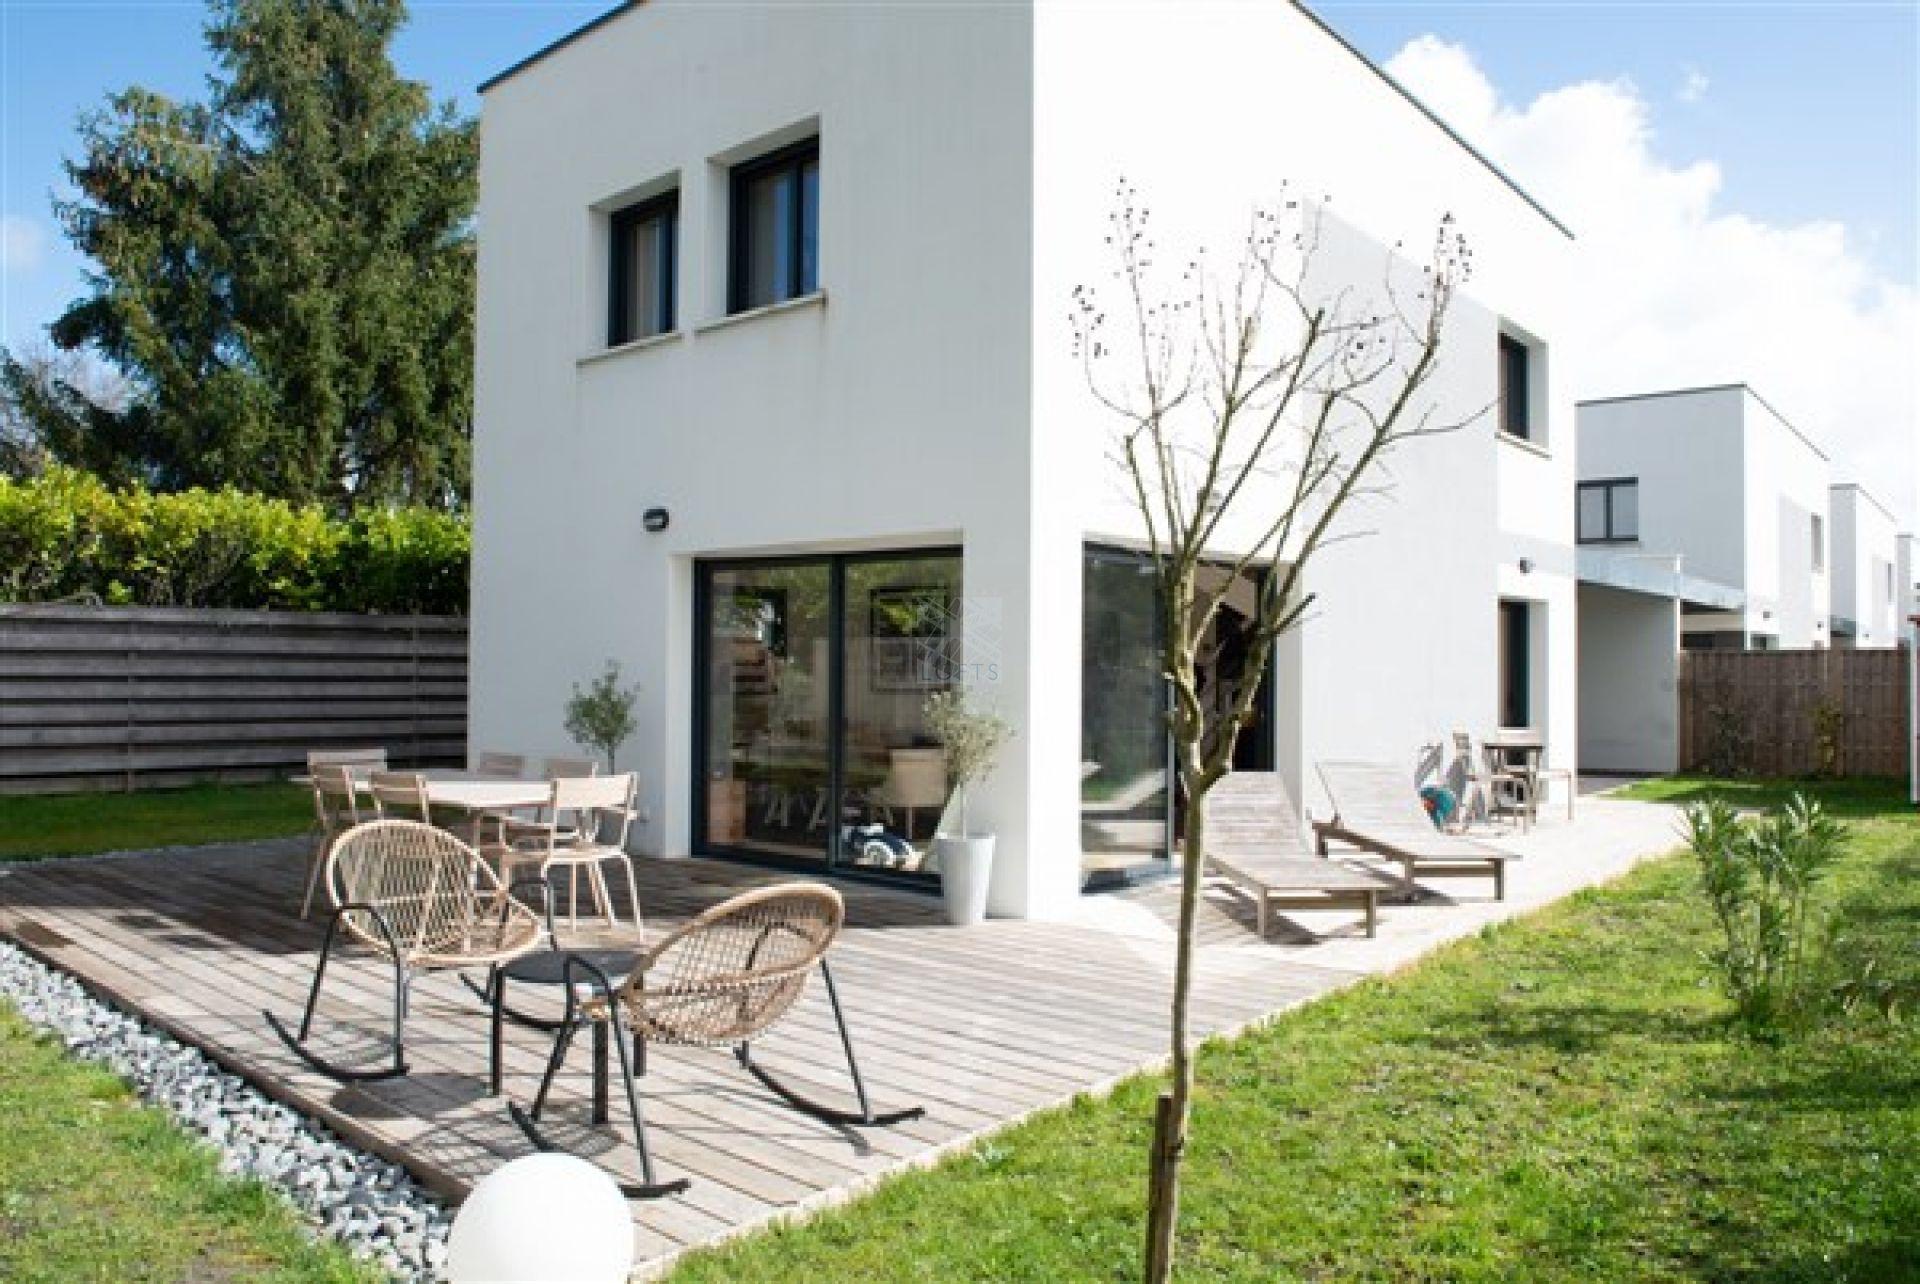 Maison contemporaine avec jardin